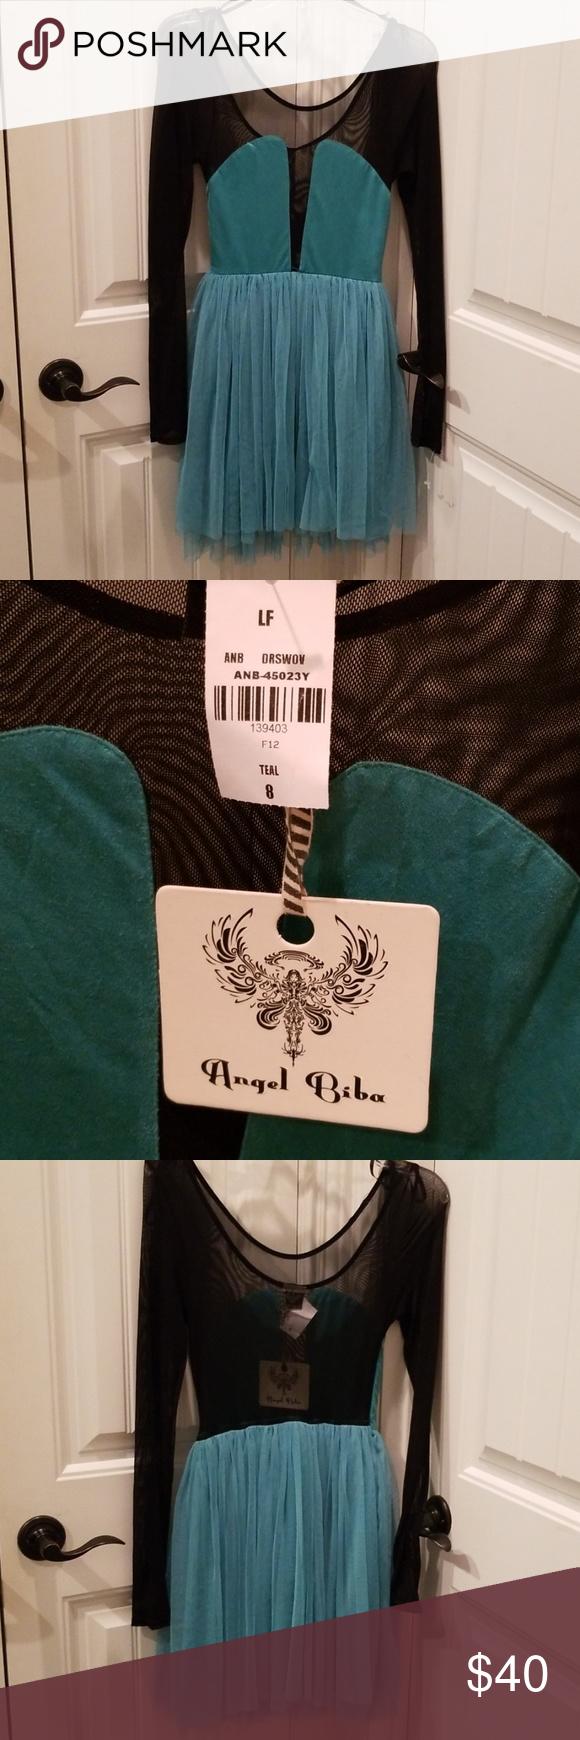 Angel Biba Dresses for Women for sale   eBay